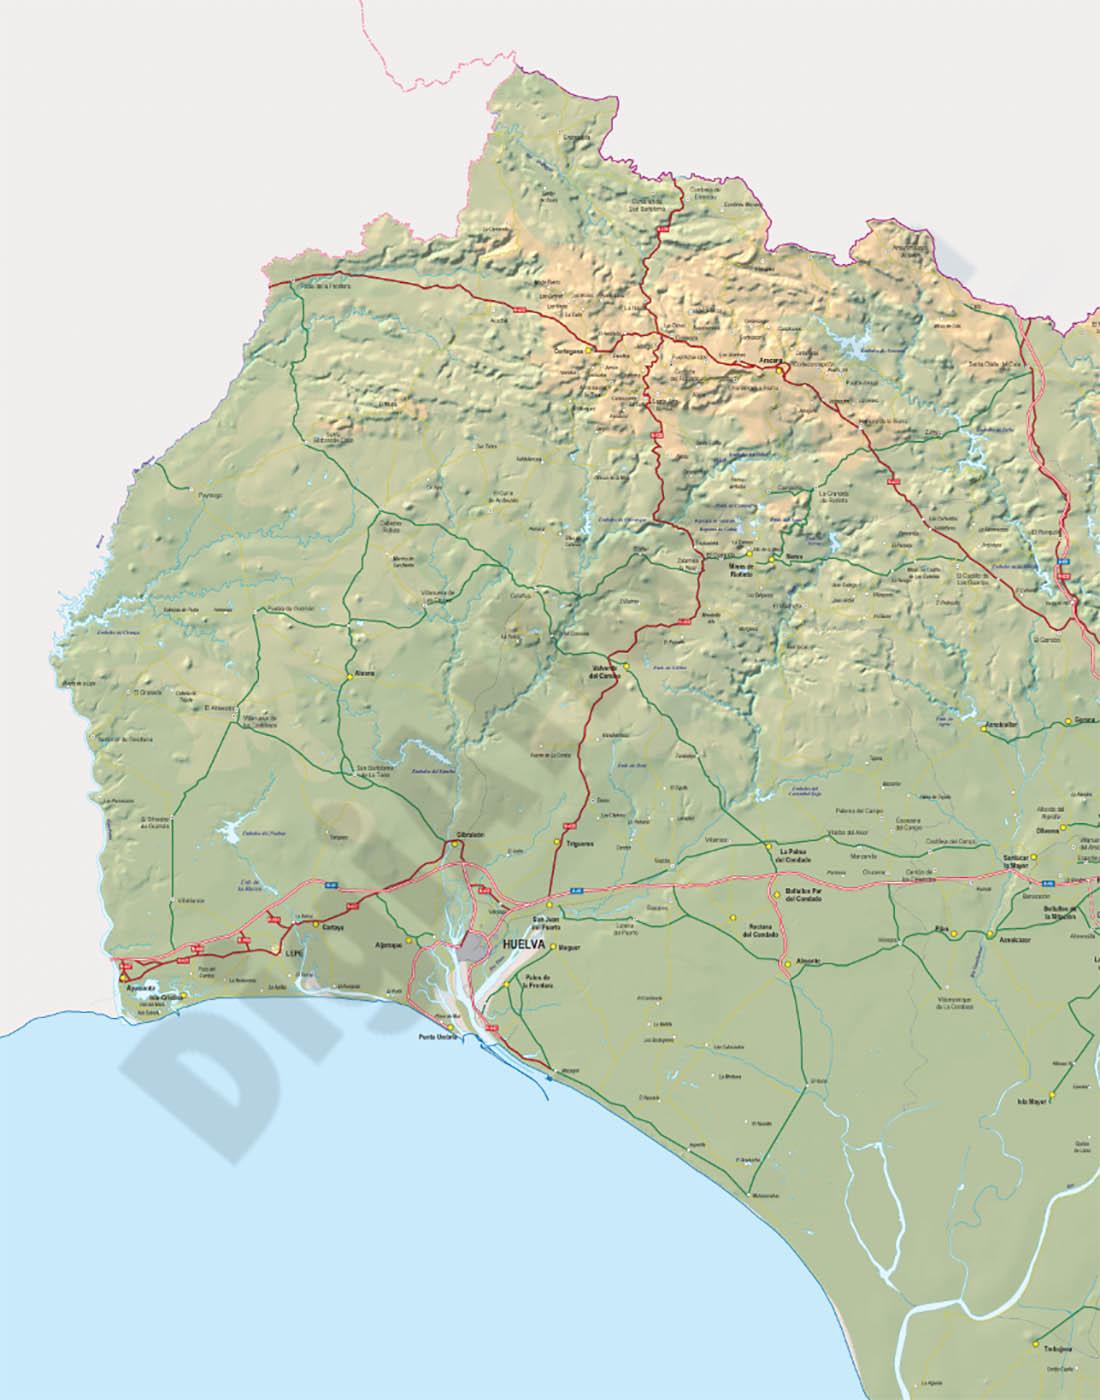 Map of Huelva